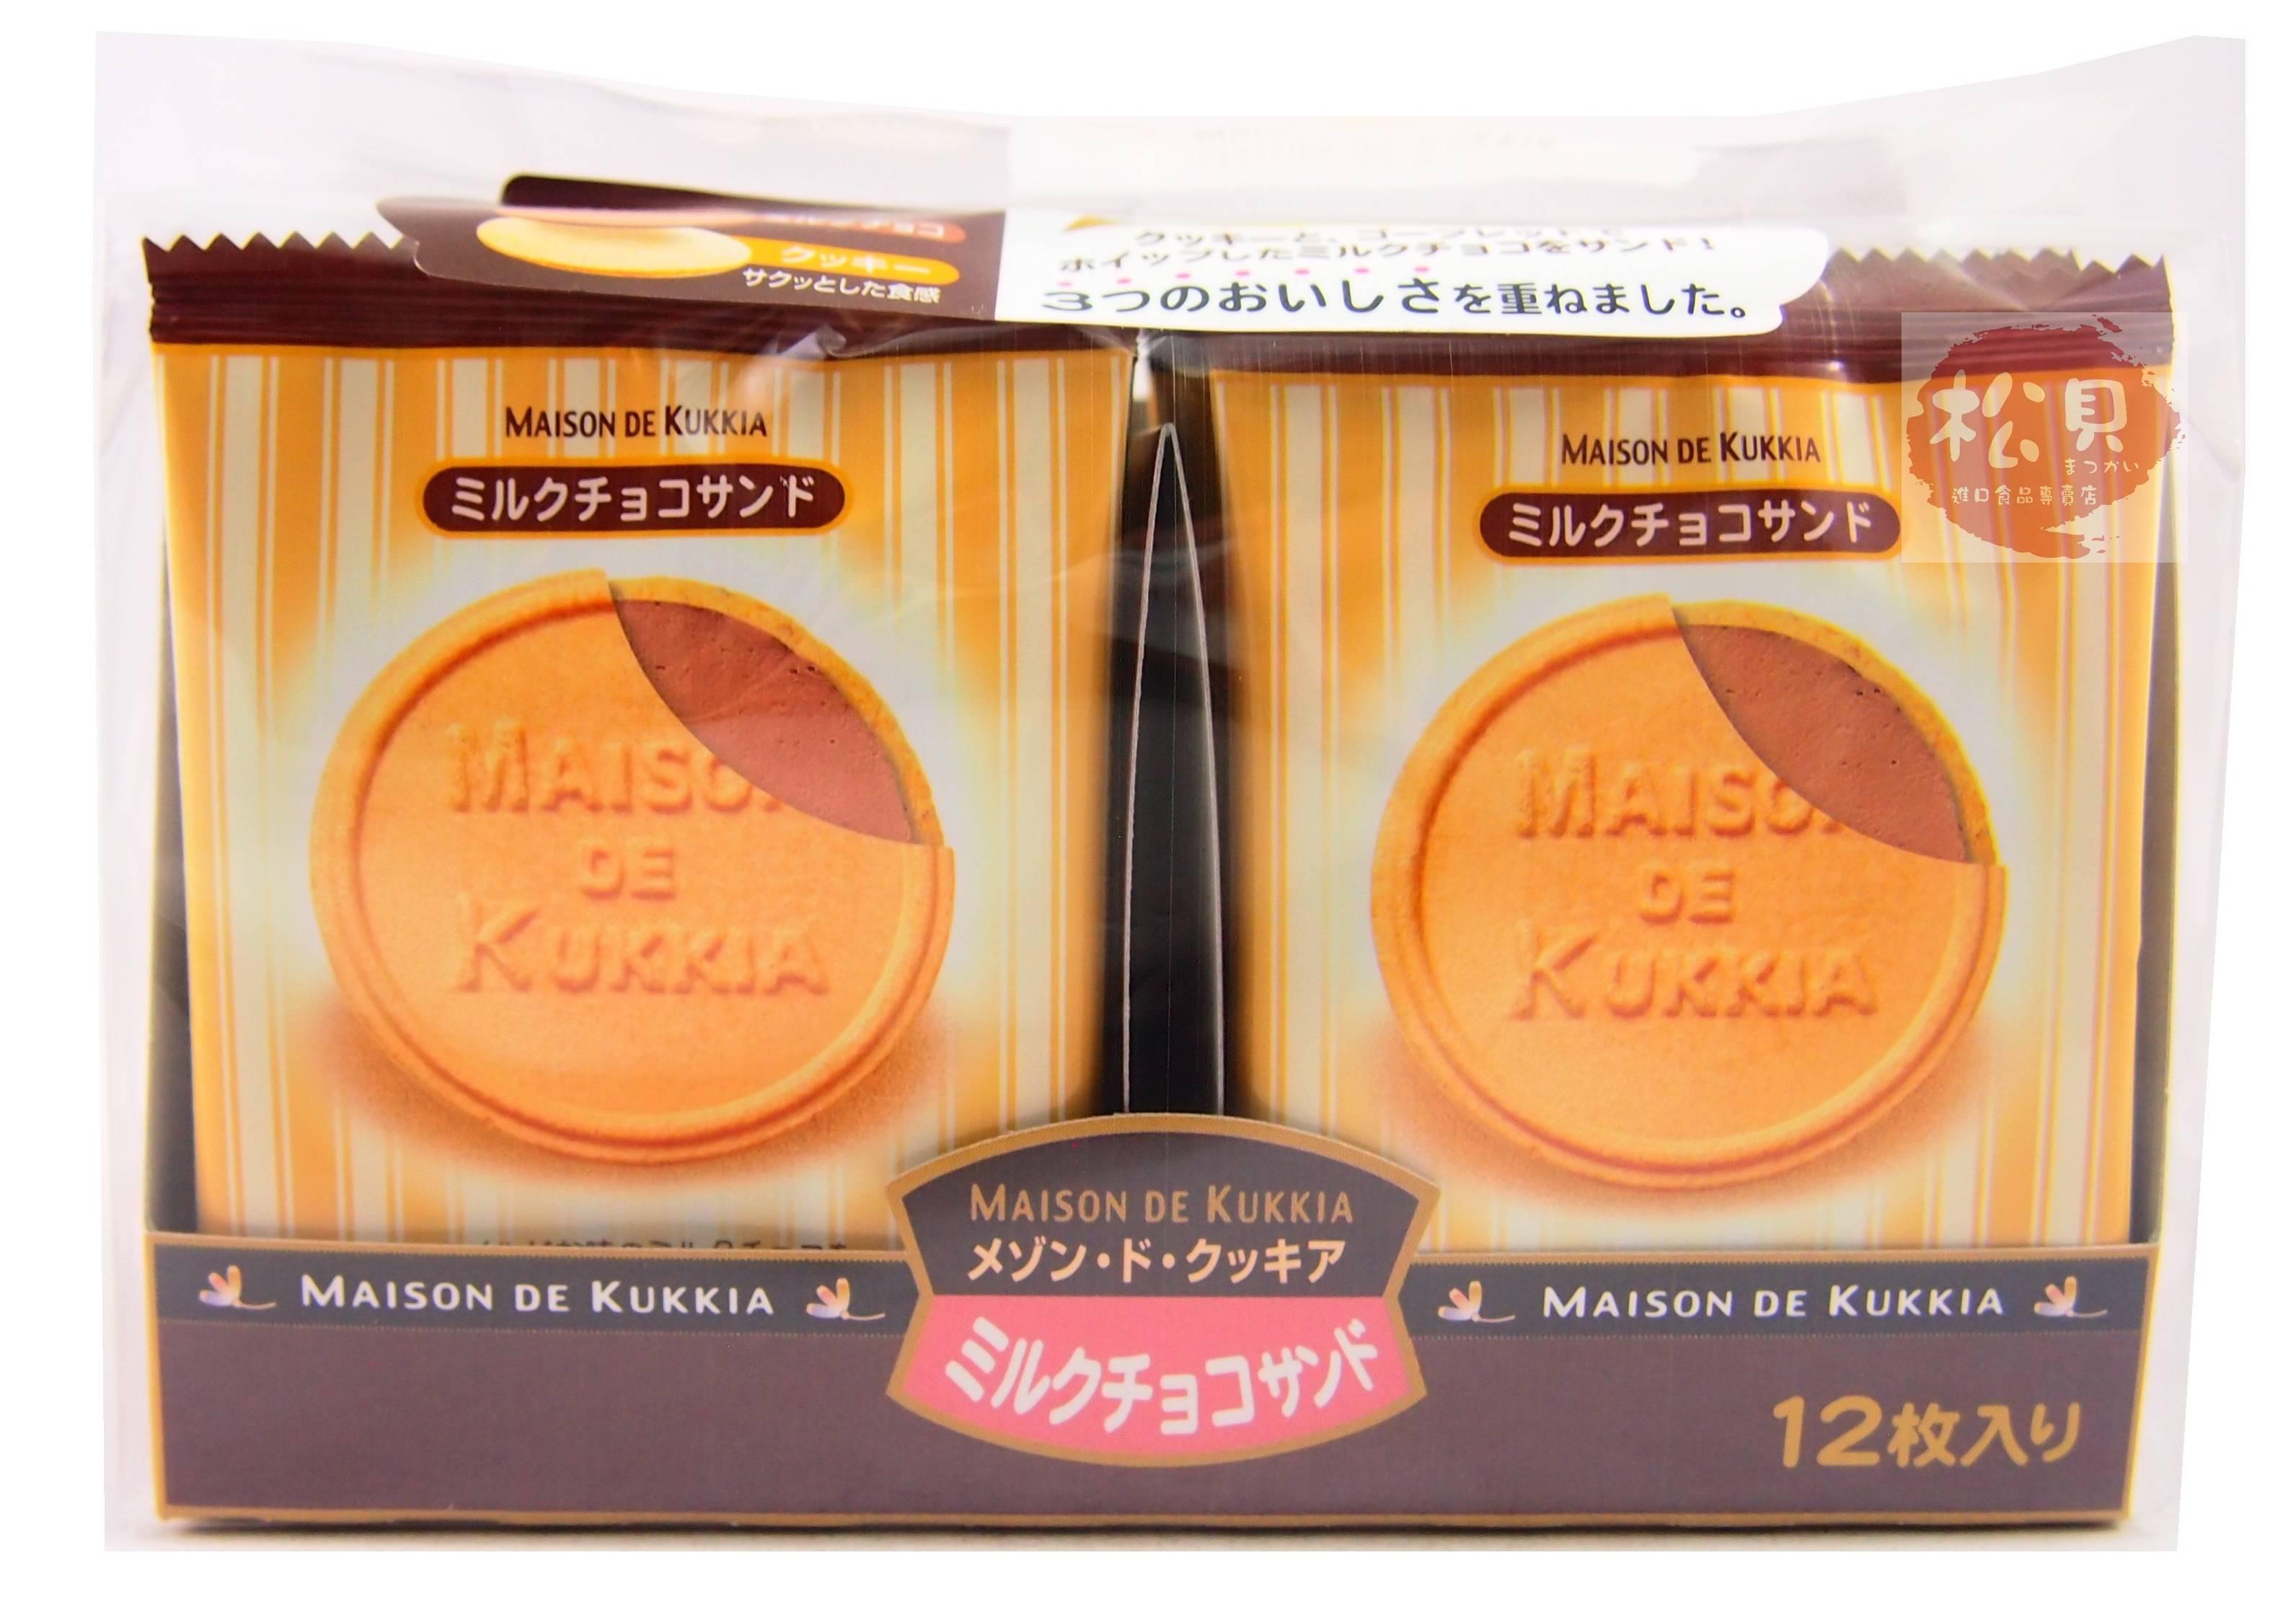 吉帽法蘭酥12枚巧克力132g【4934675001108】